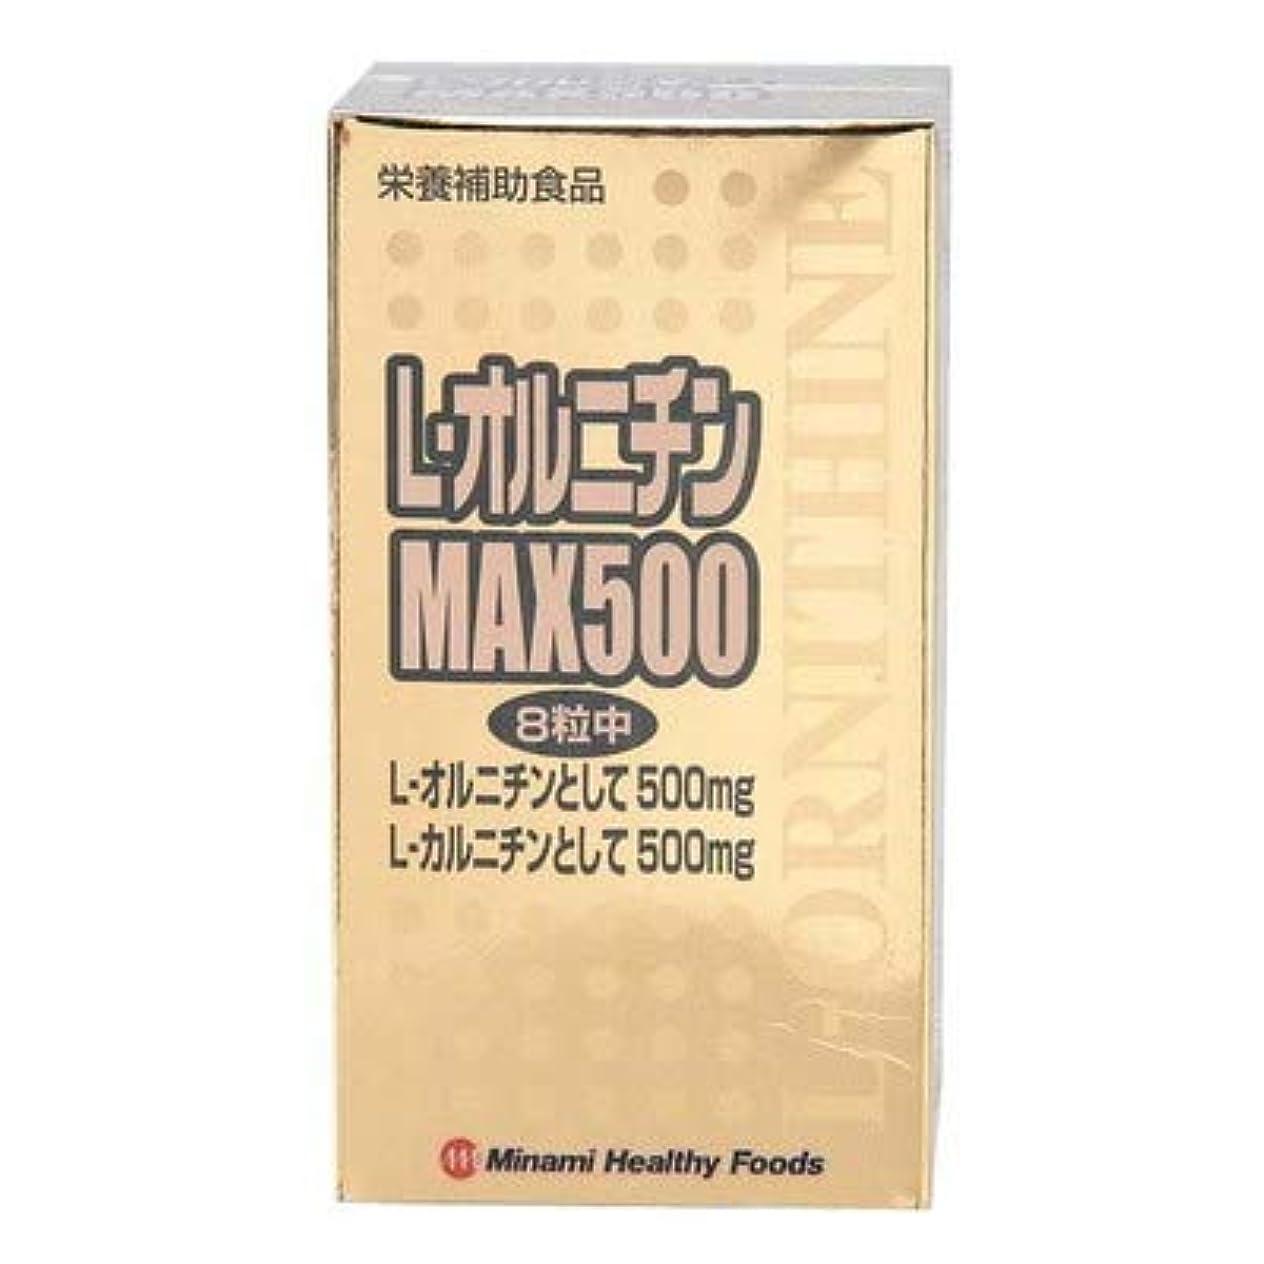 アートベンチ日ミナミヘルシーフーズ L-オルニチンMAX500 240粒 4945904014233